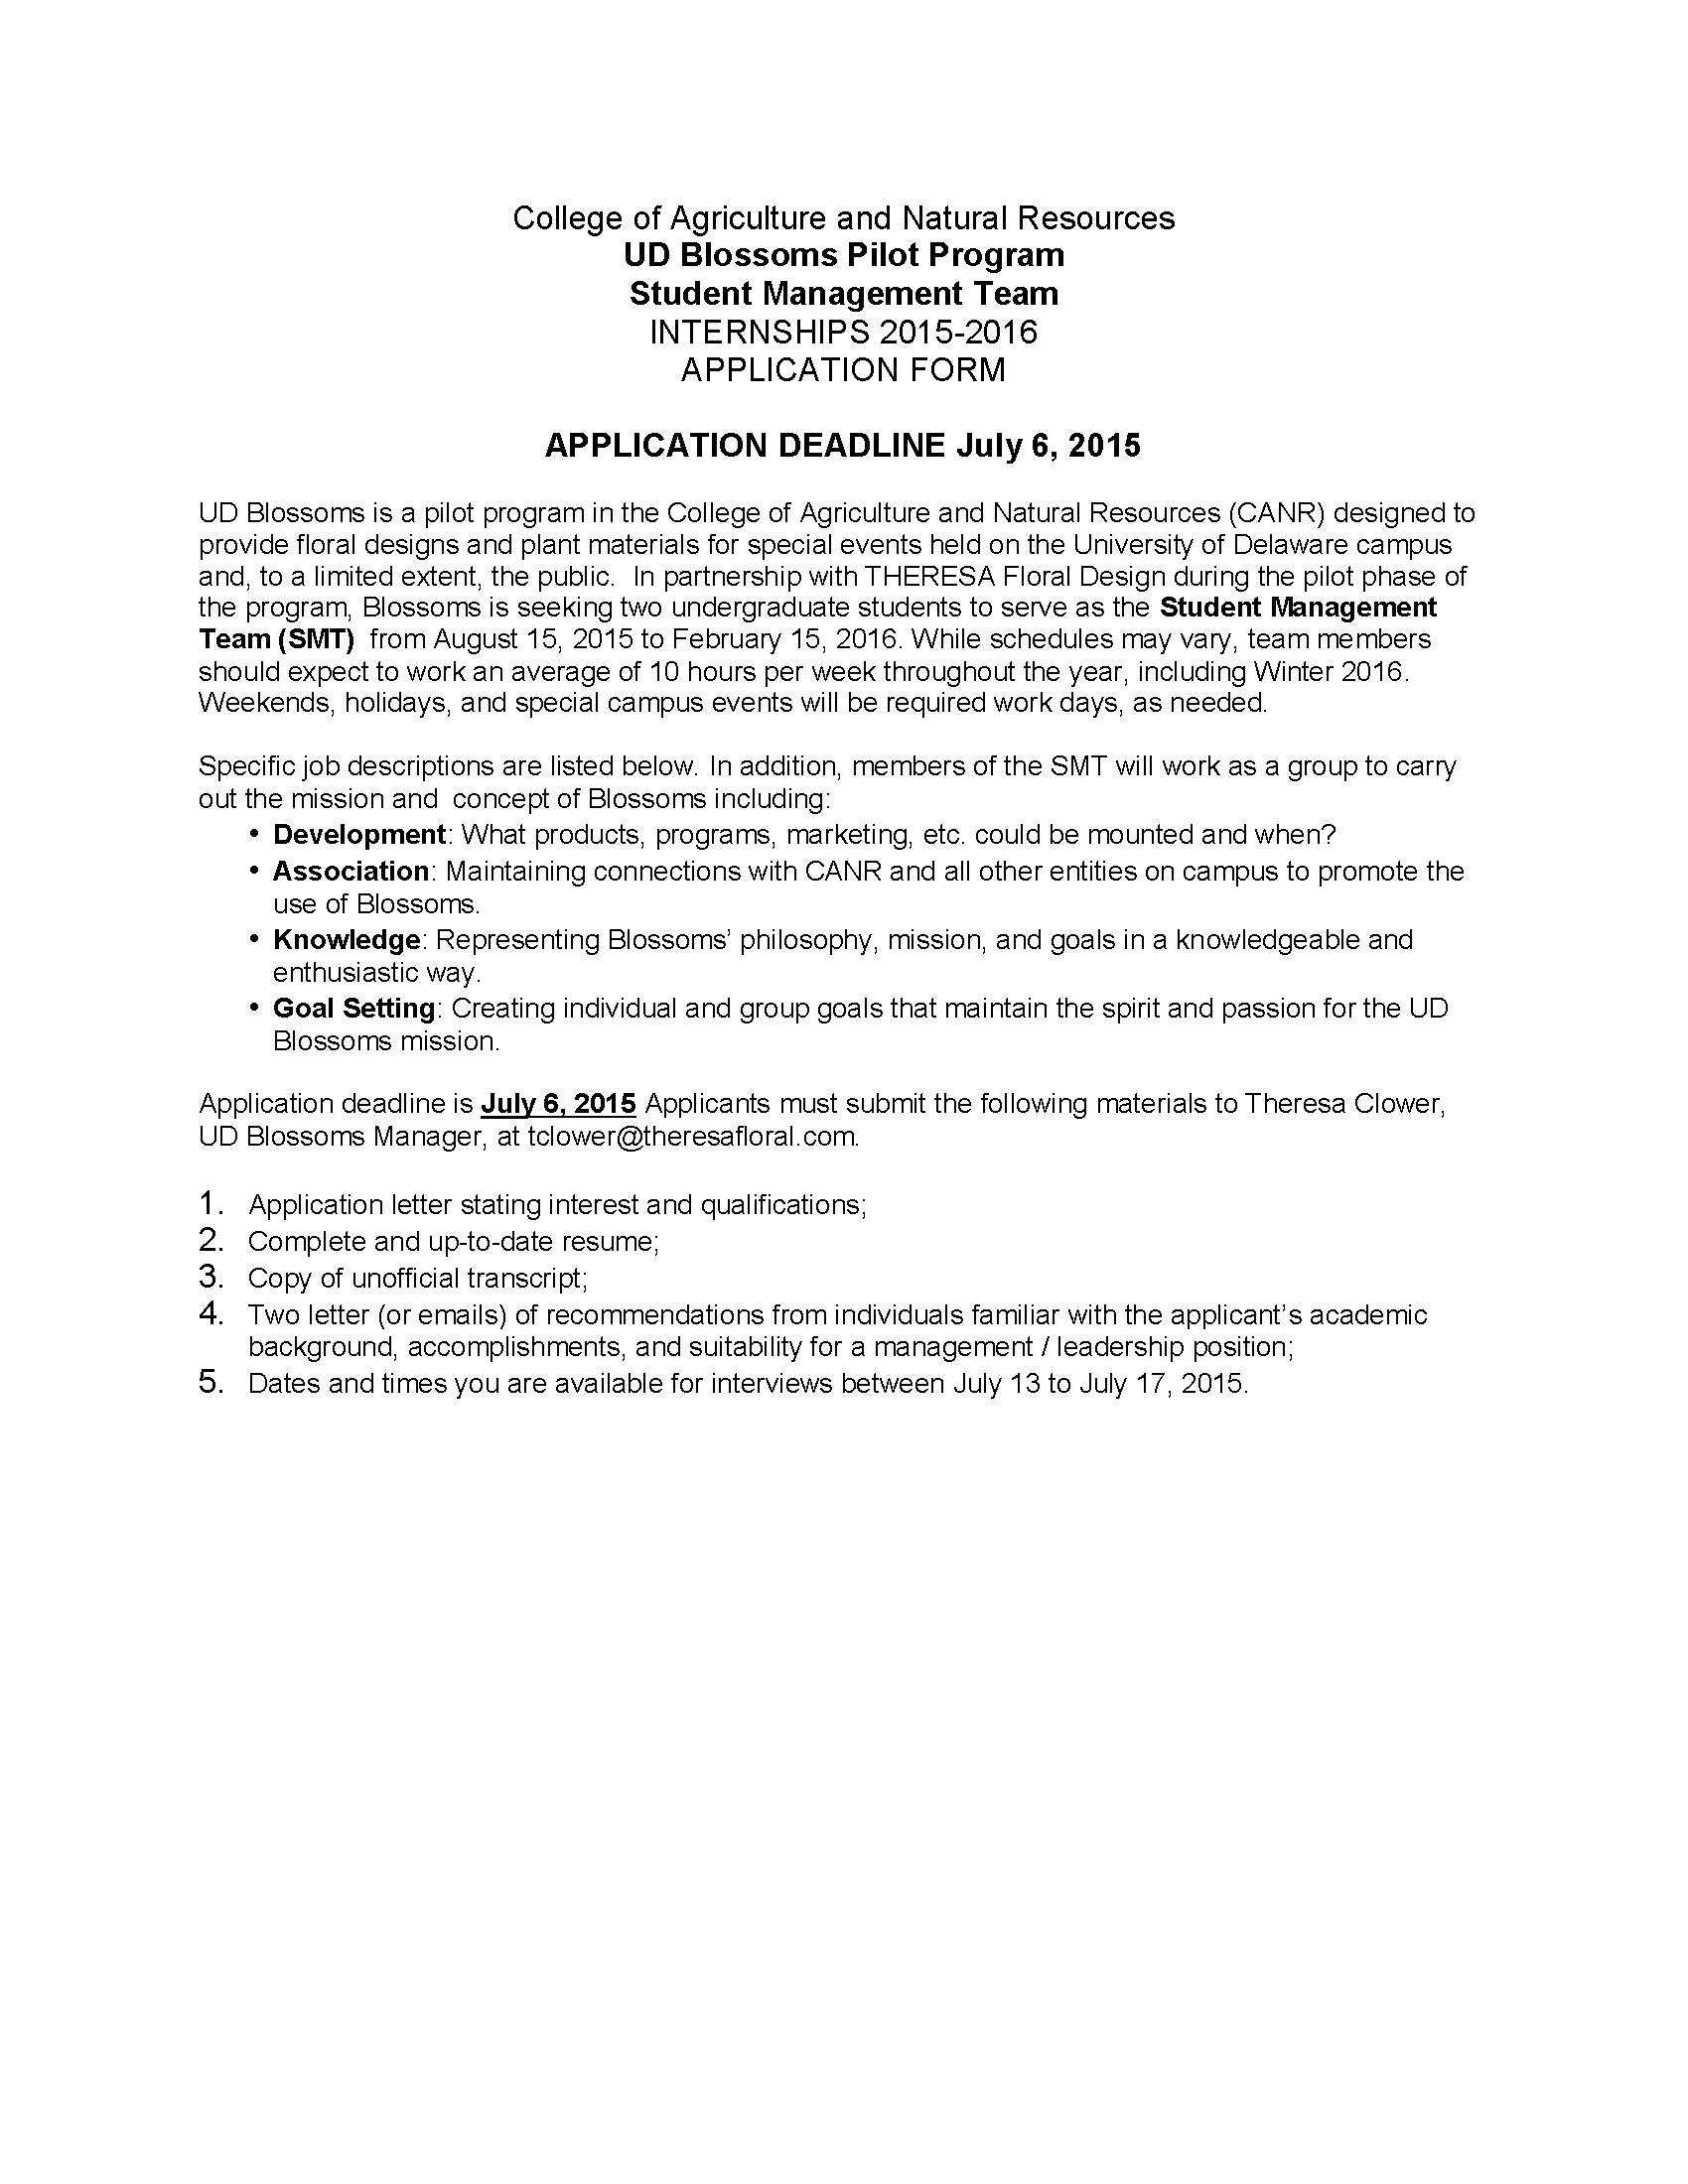 UD BLOSSOMS Internship Description4_Page_1